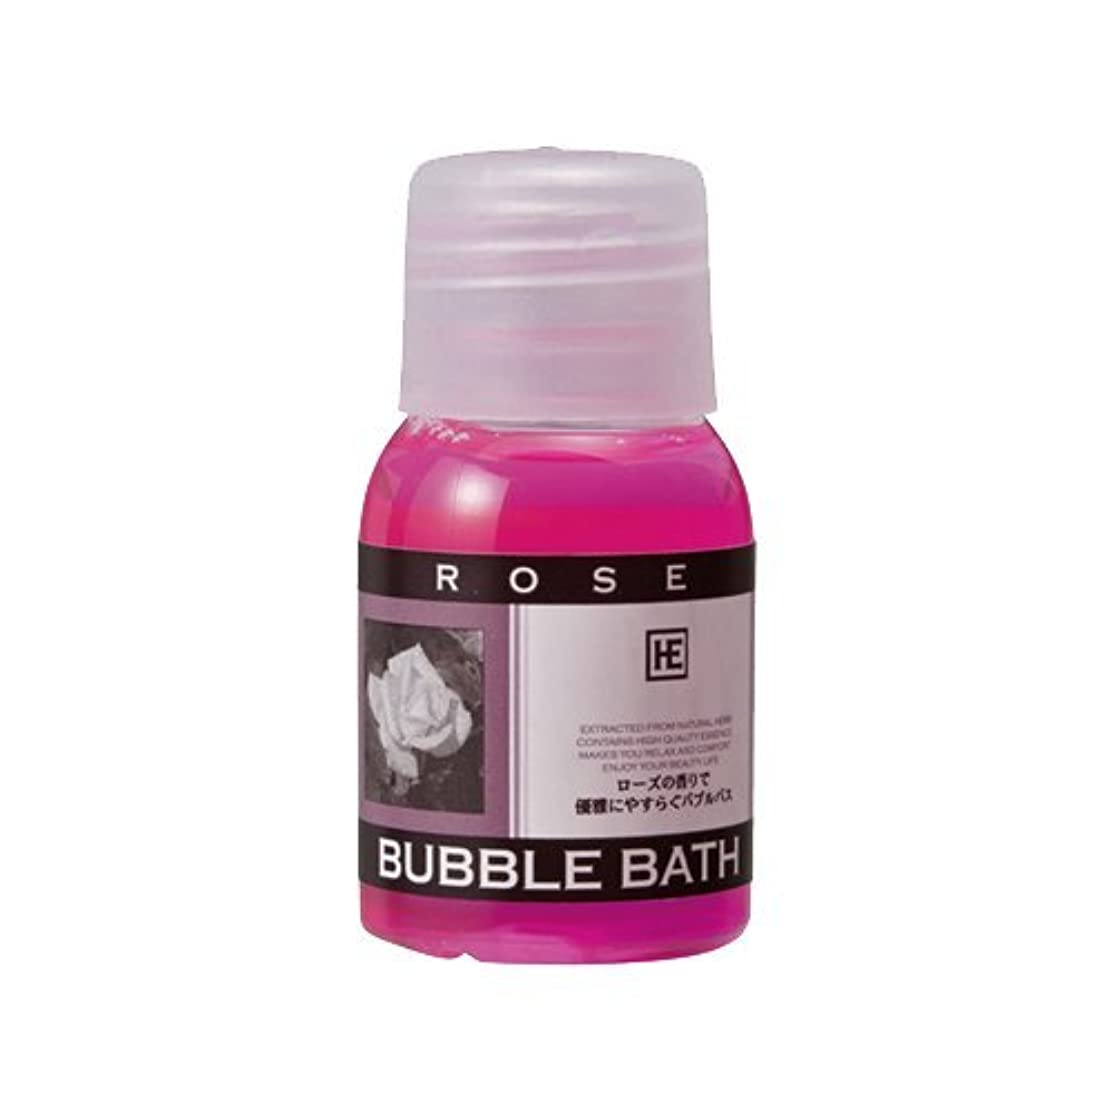 生息地人里離れたテナントハーバルエクストラ バブルバス ミニボトル ローズの香り - ホテルアメニティ 業務用 発泡入浴剤 (BUBBLE BATH)